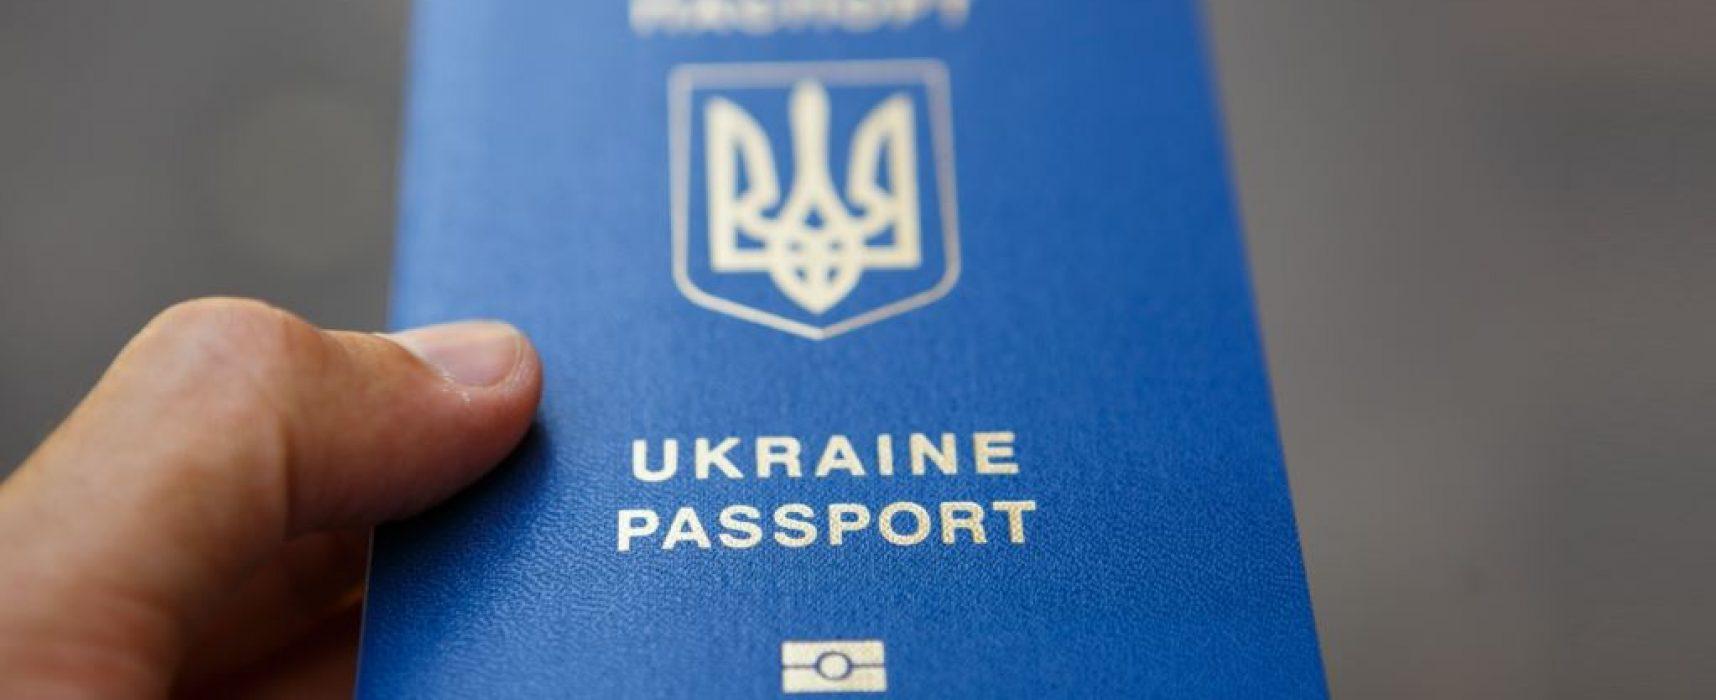 Фейк российских новостей: украинские пограничники порвали паспорт крымчанину